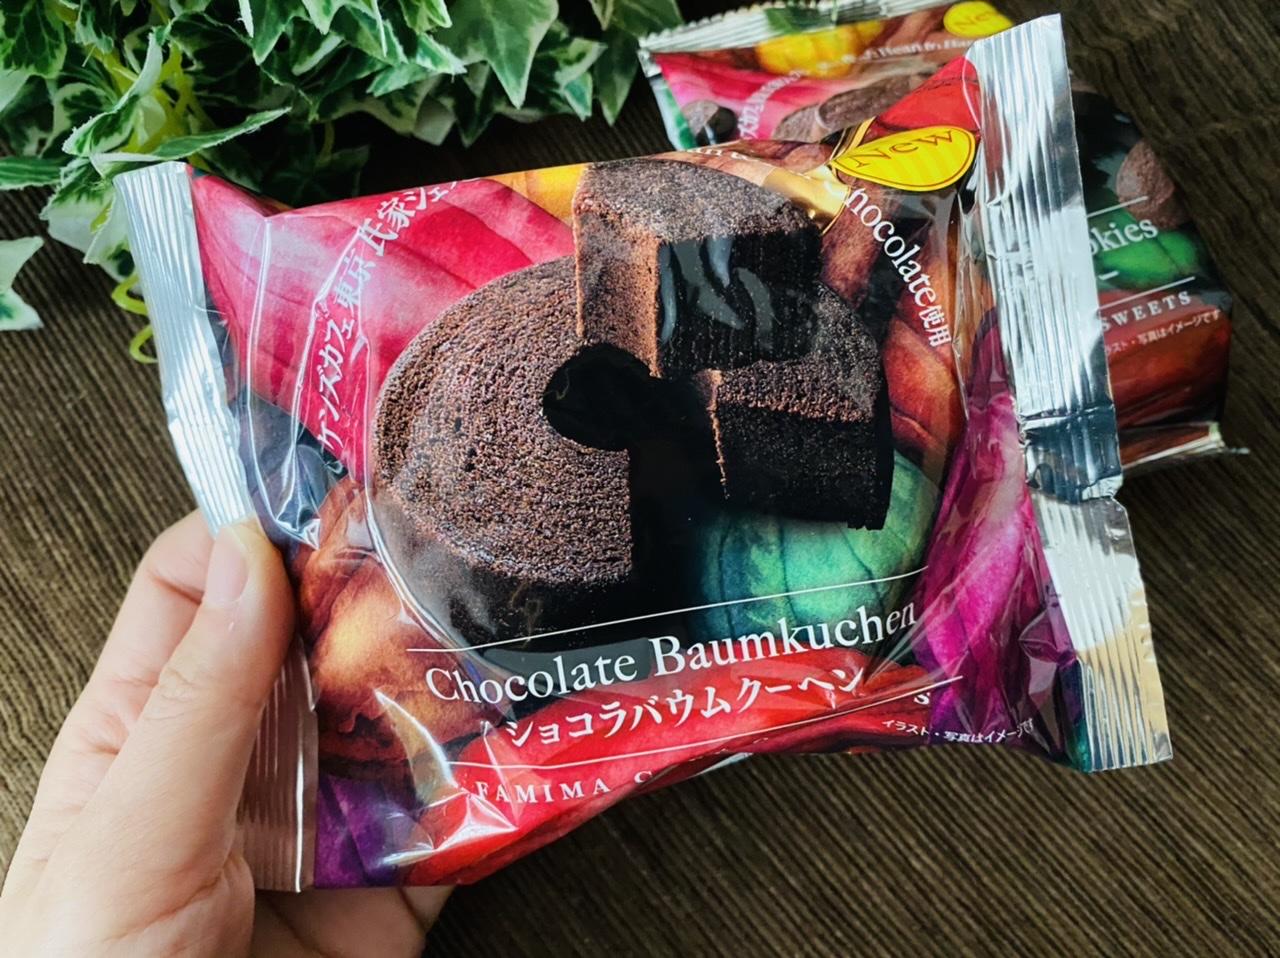 【ファミマ】ついに第3弾!全種食べたい♡《ケンズカフェ東京監修》チョコスイーツが大豊作★_2